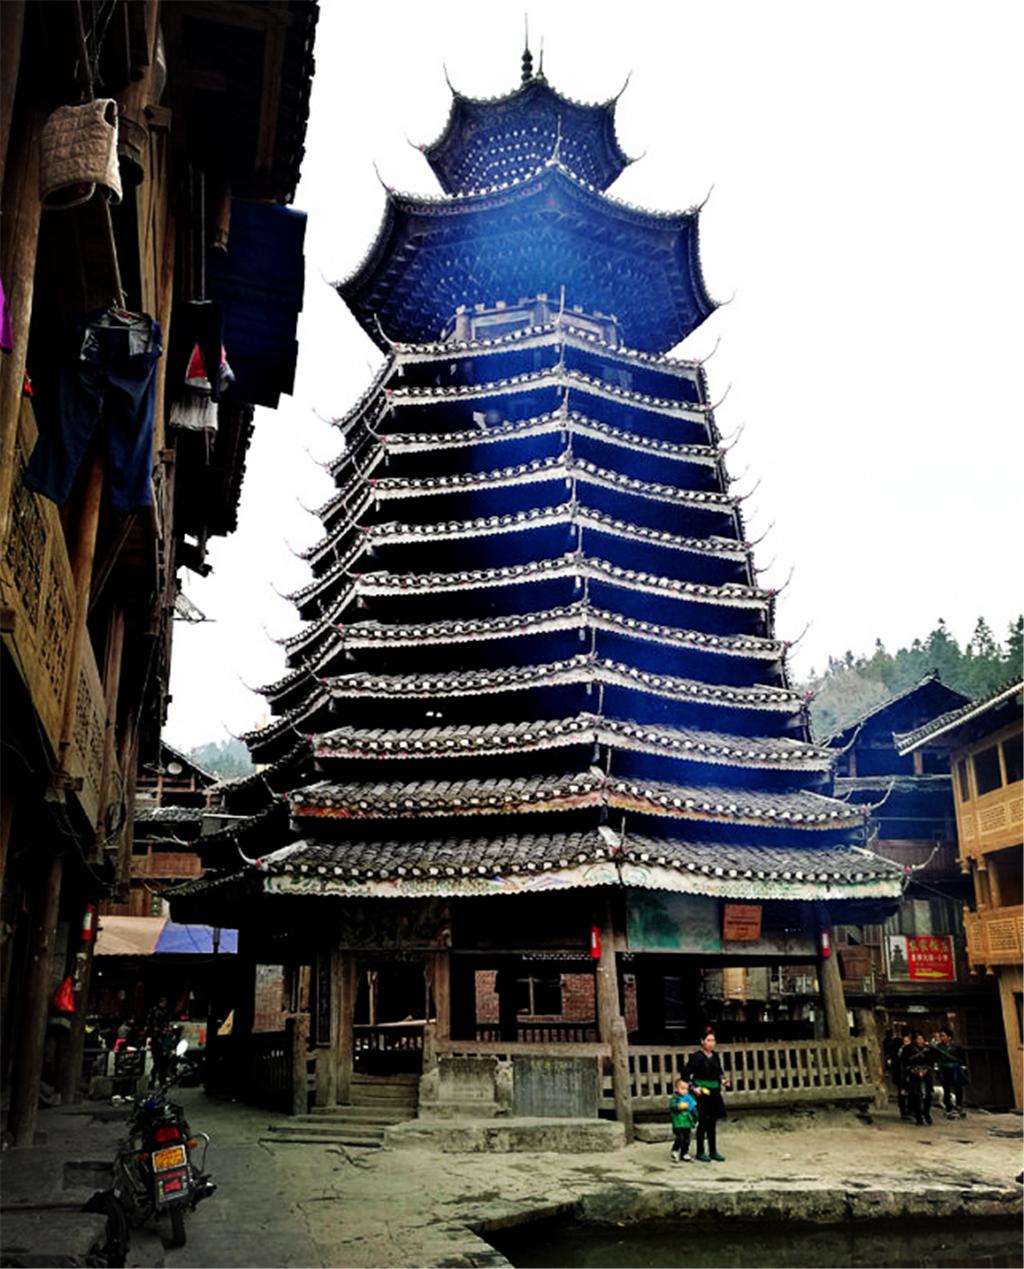 中国最古老的鼓楼,高25米300年历史,建造工艺部分已失传